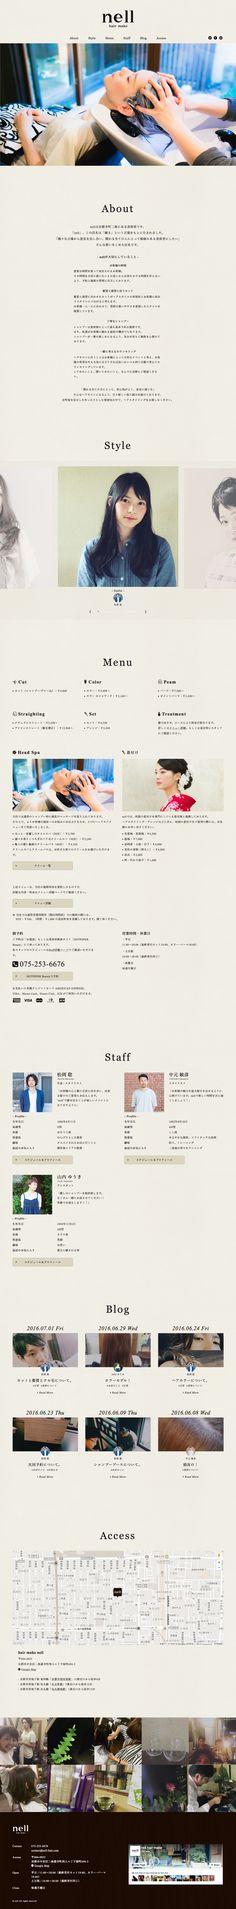 Color - ベージュ:81-web.com【Webデザイン リンク集】